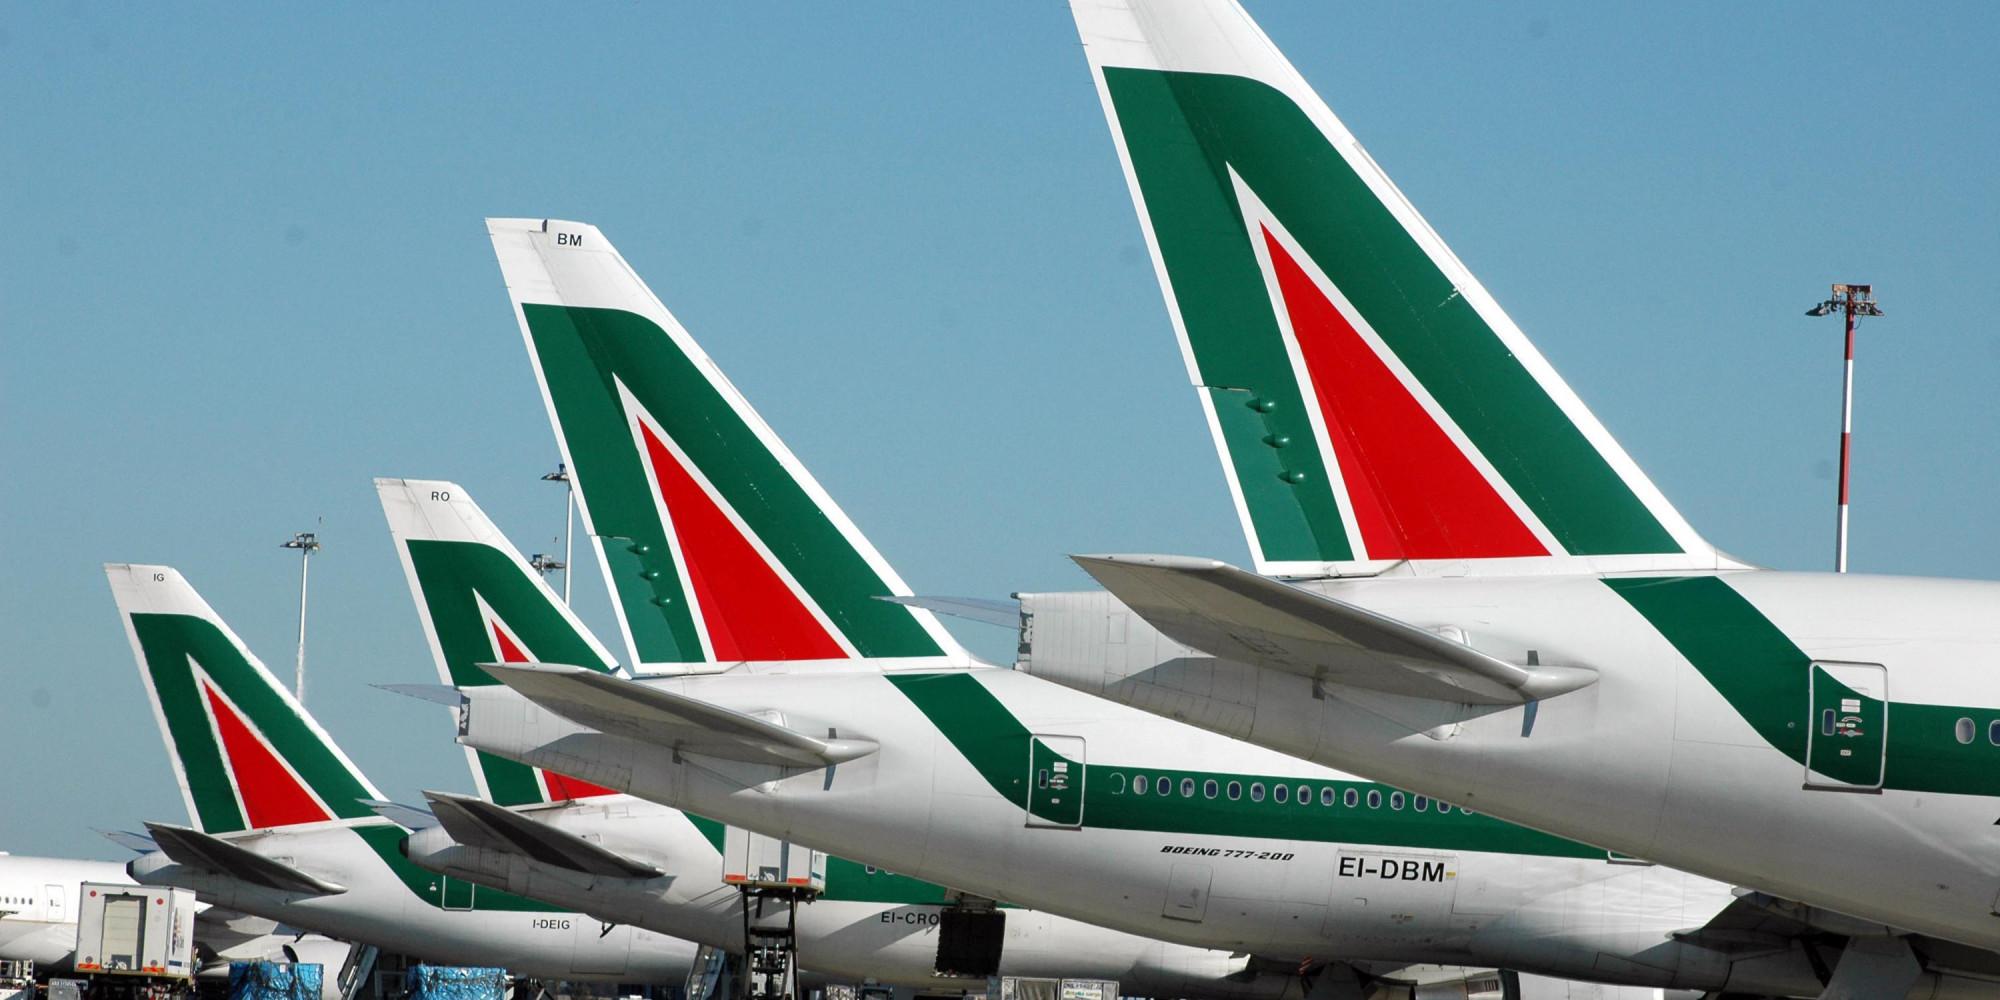 Alitalia, i biglietti aerei sono garantiti fino all'estate 2017